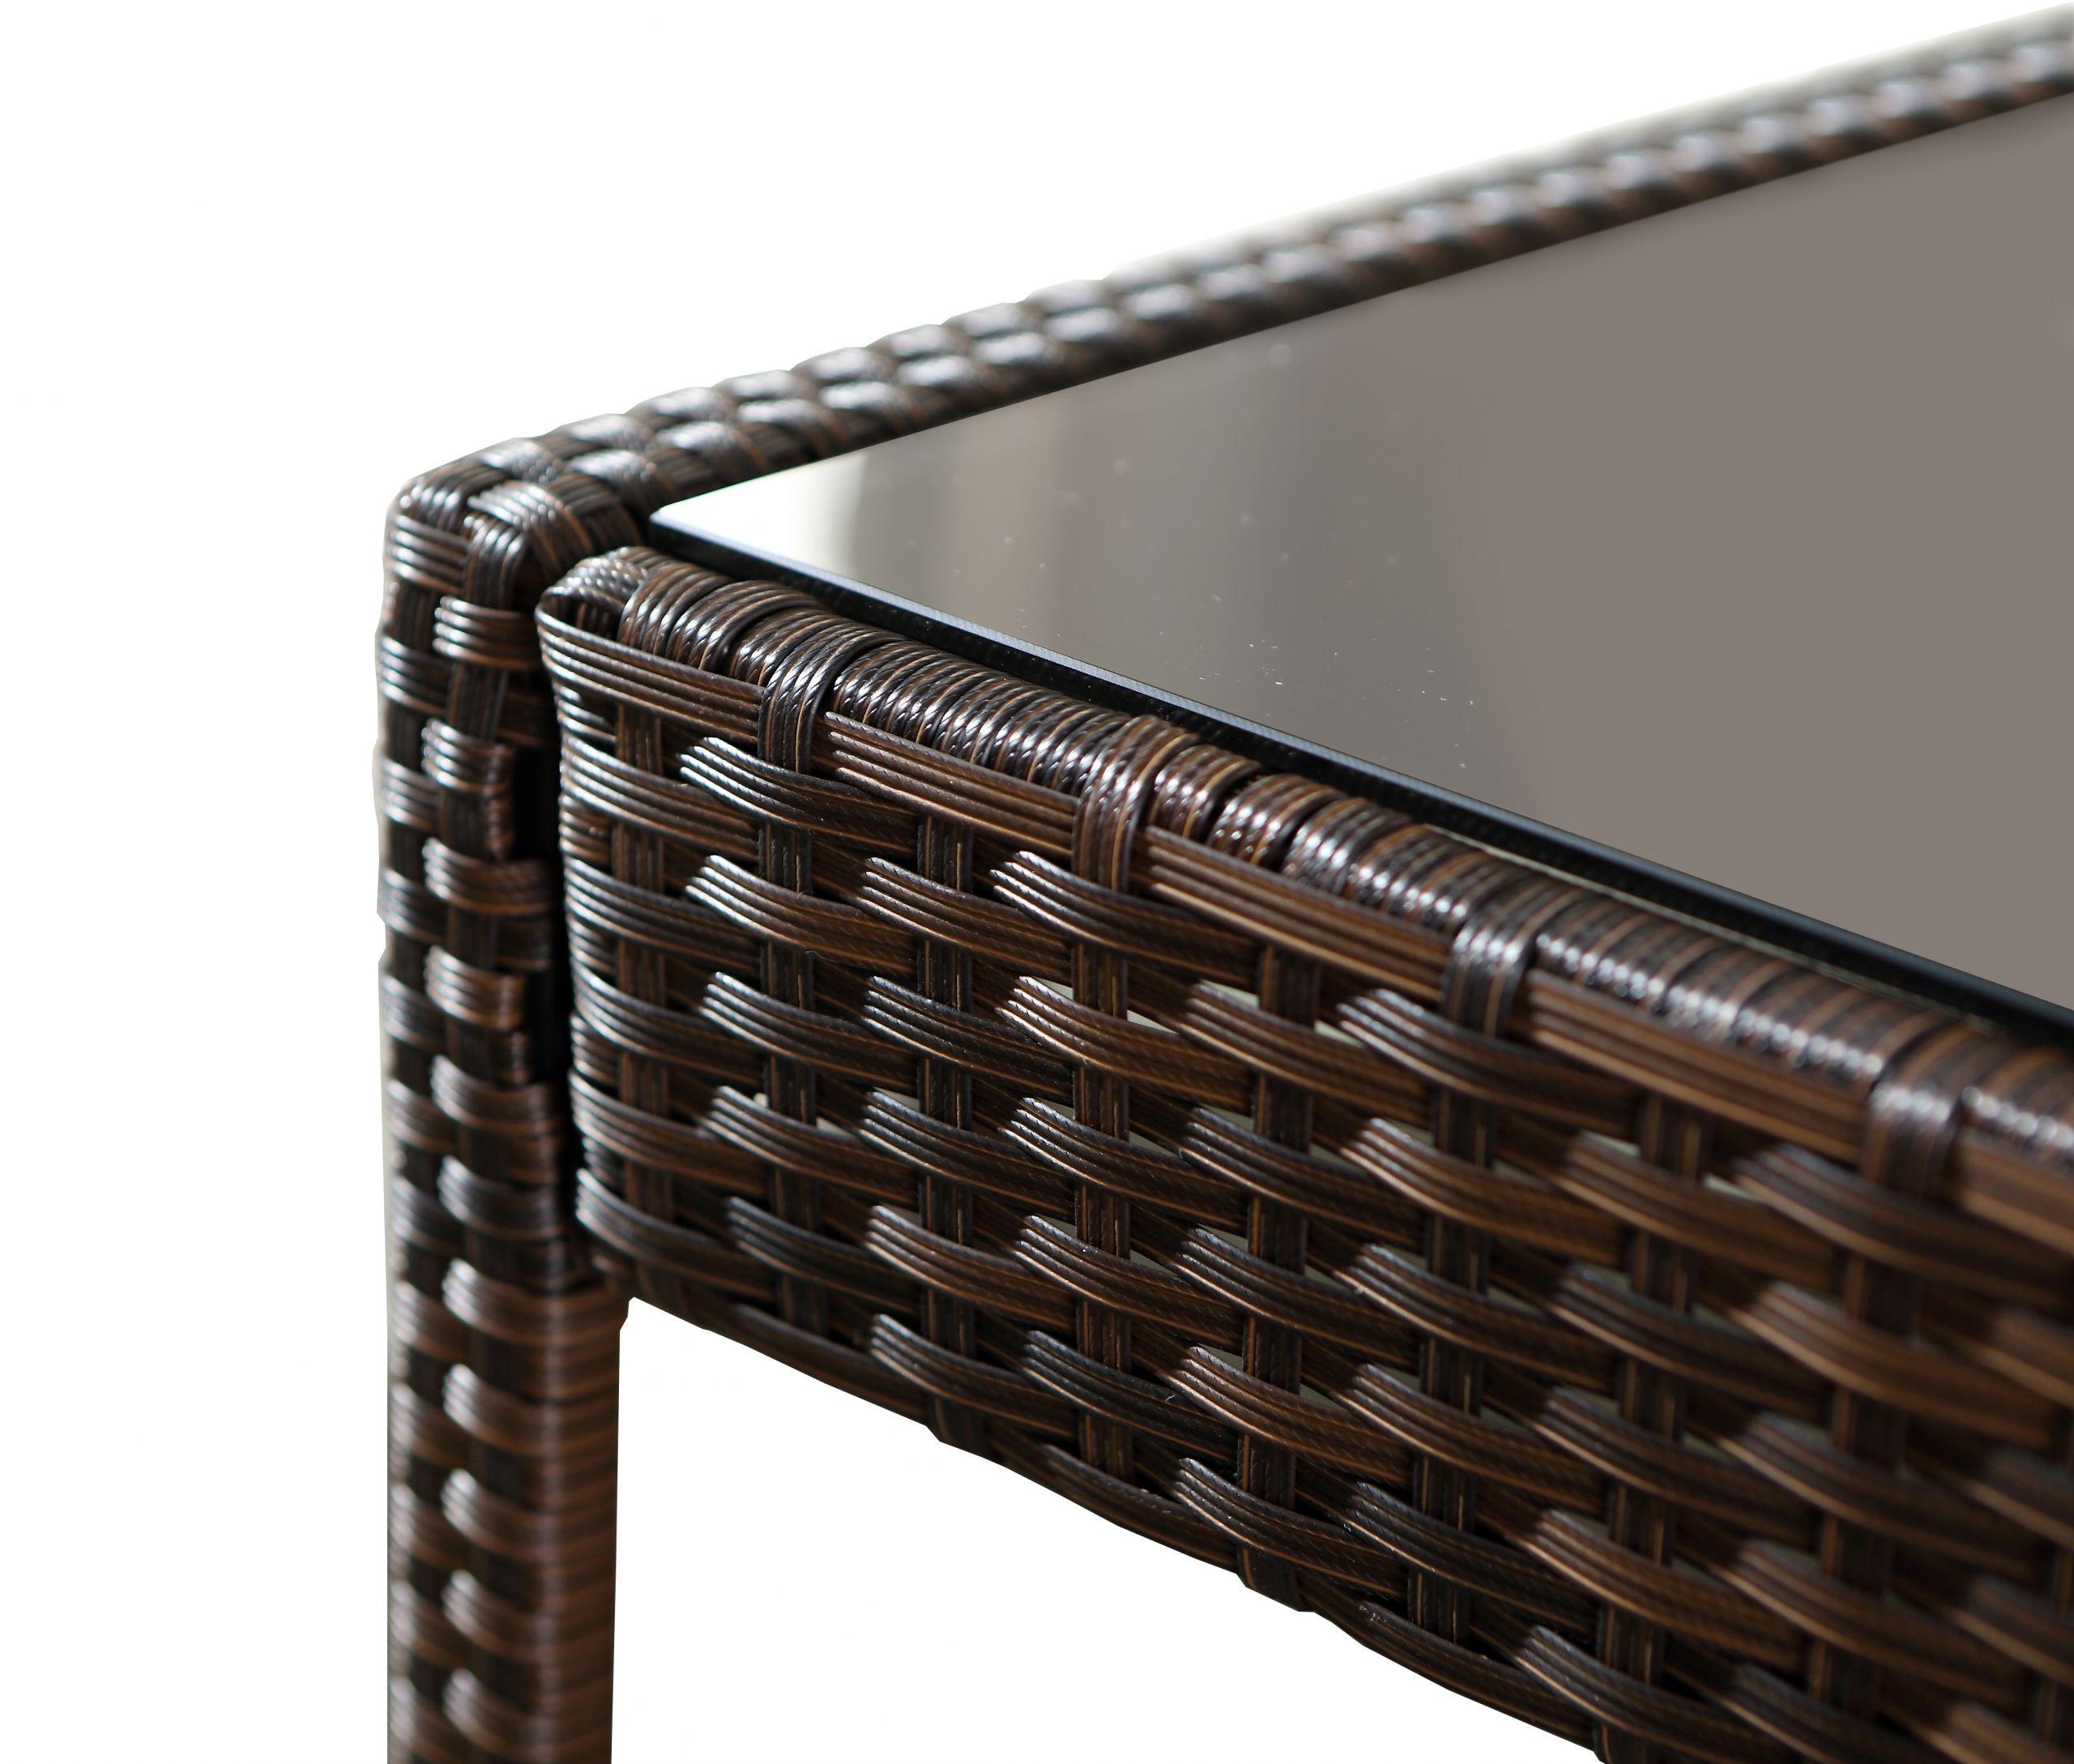 art salon de jardin hamilton en resine tressee chocolat avec 2 fauteuils 1 canape et une table basse 1754